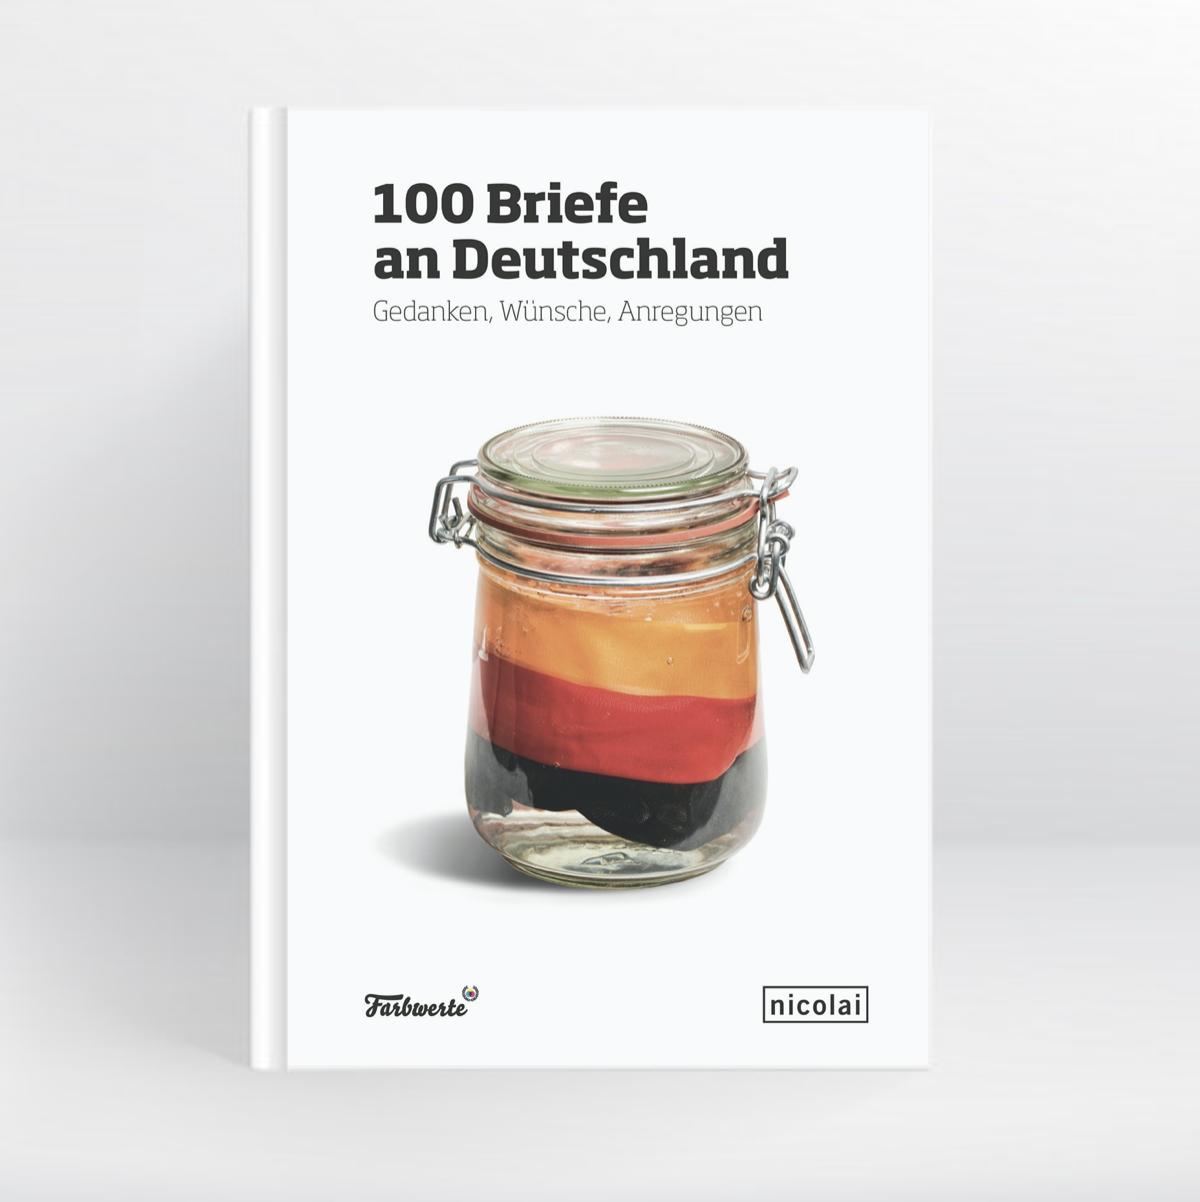 100 Briefe an Deutschland